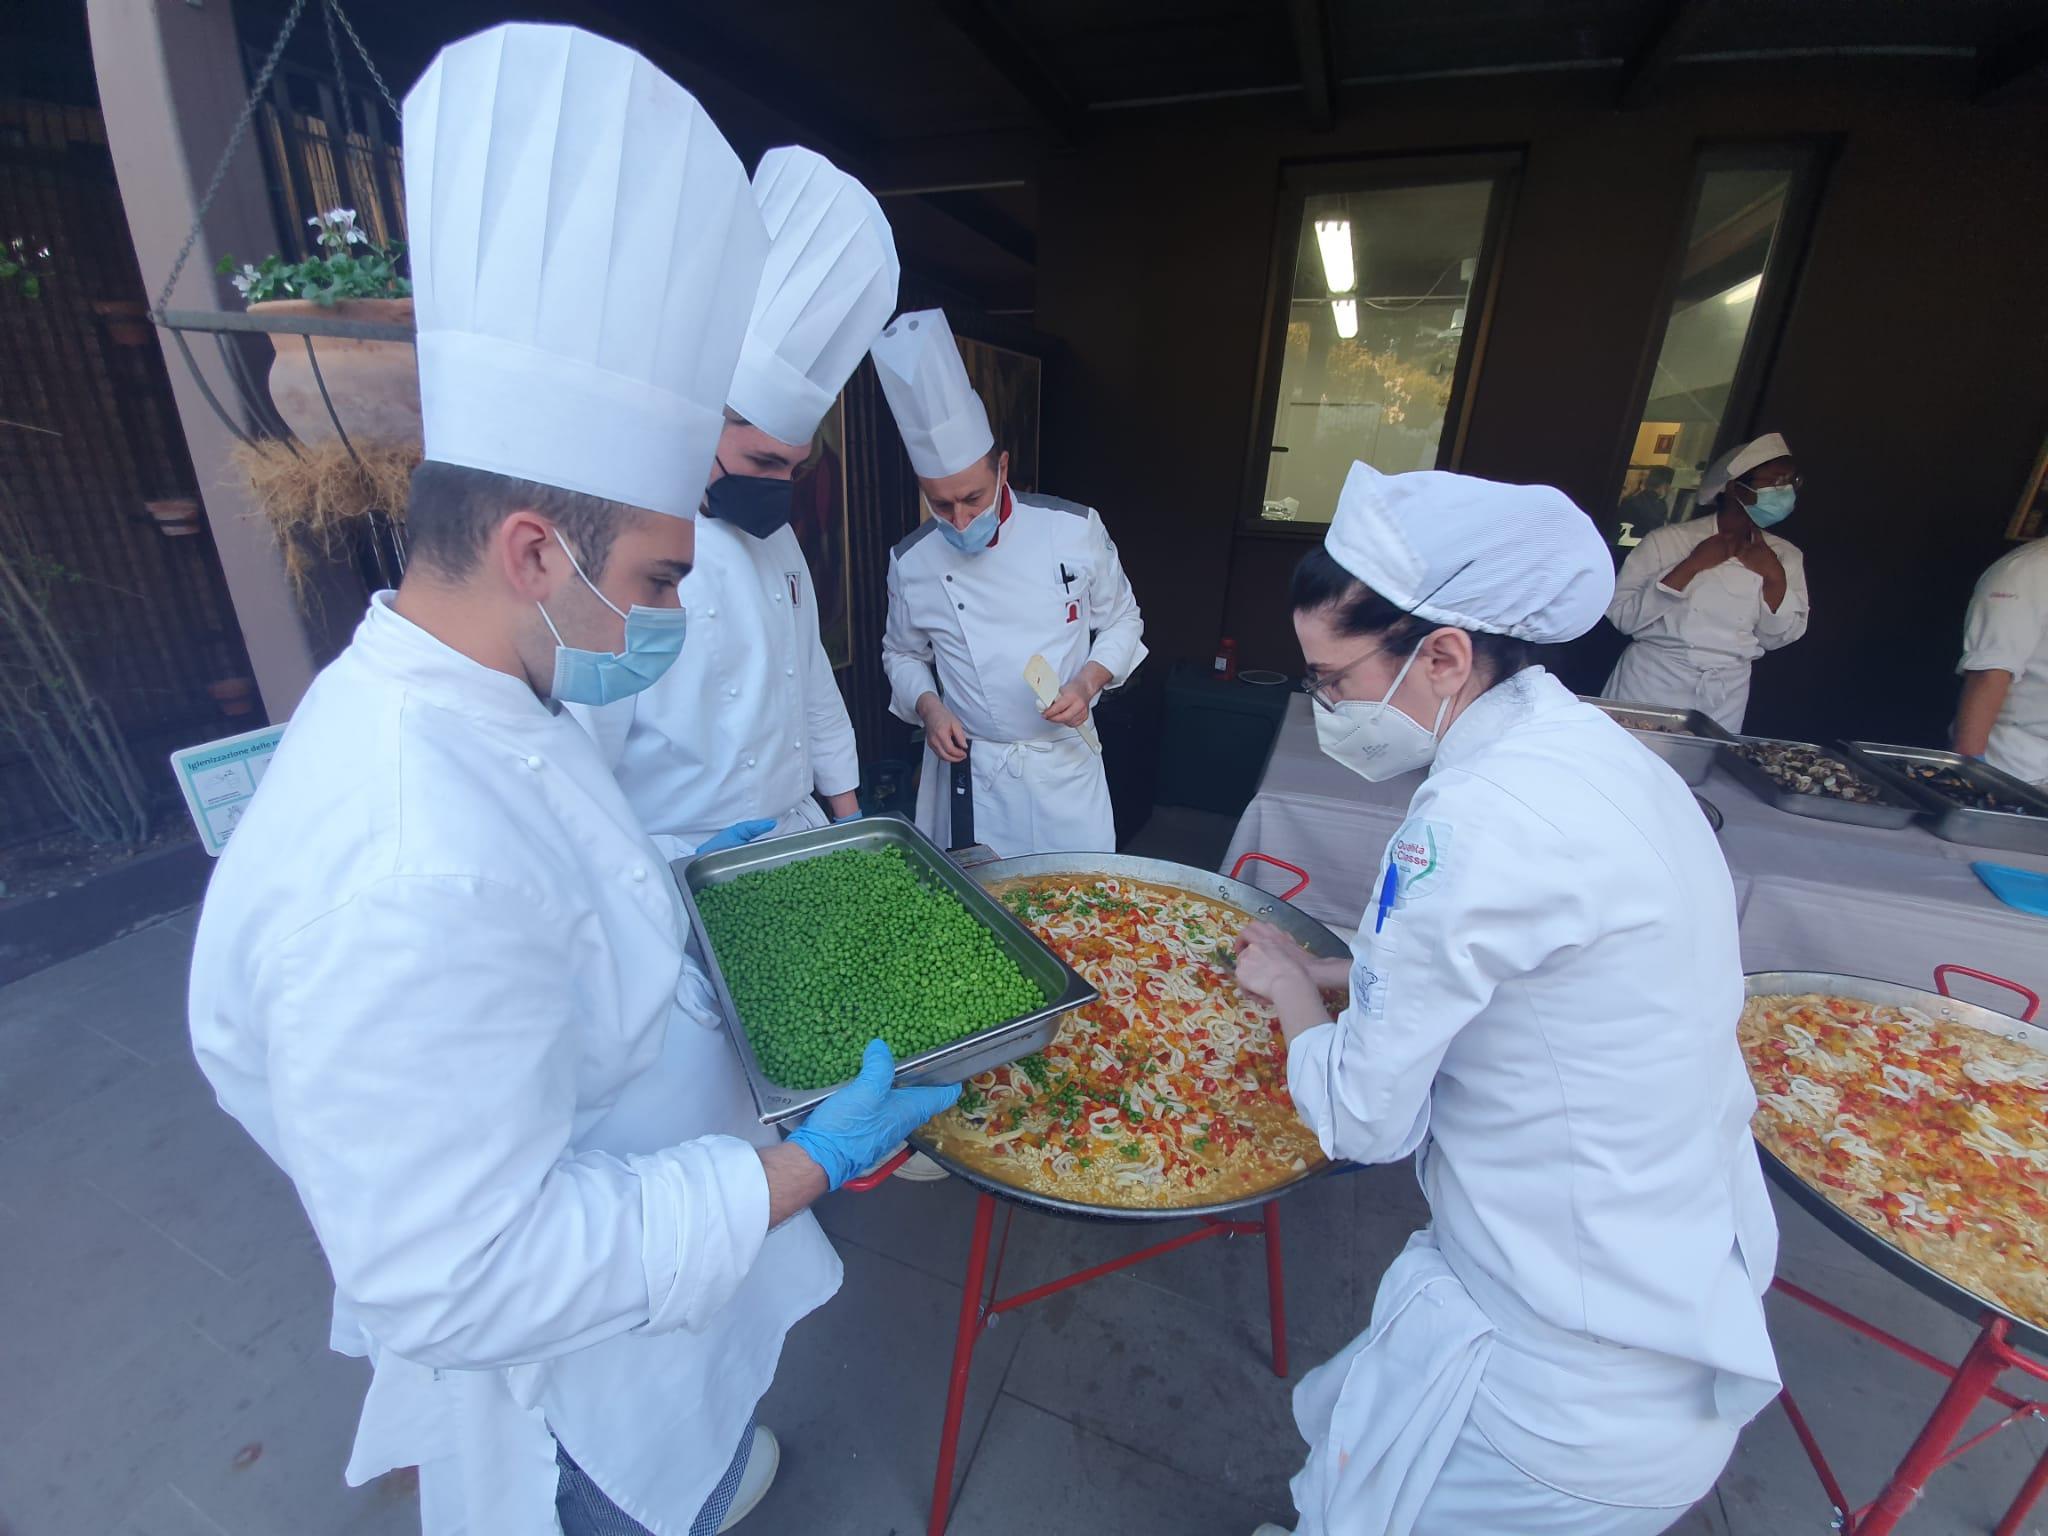 """Cfp Nazareno: gli allievi della IV di cucina vincitori del concorso """"Il peso delle idee"""""""